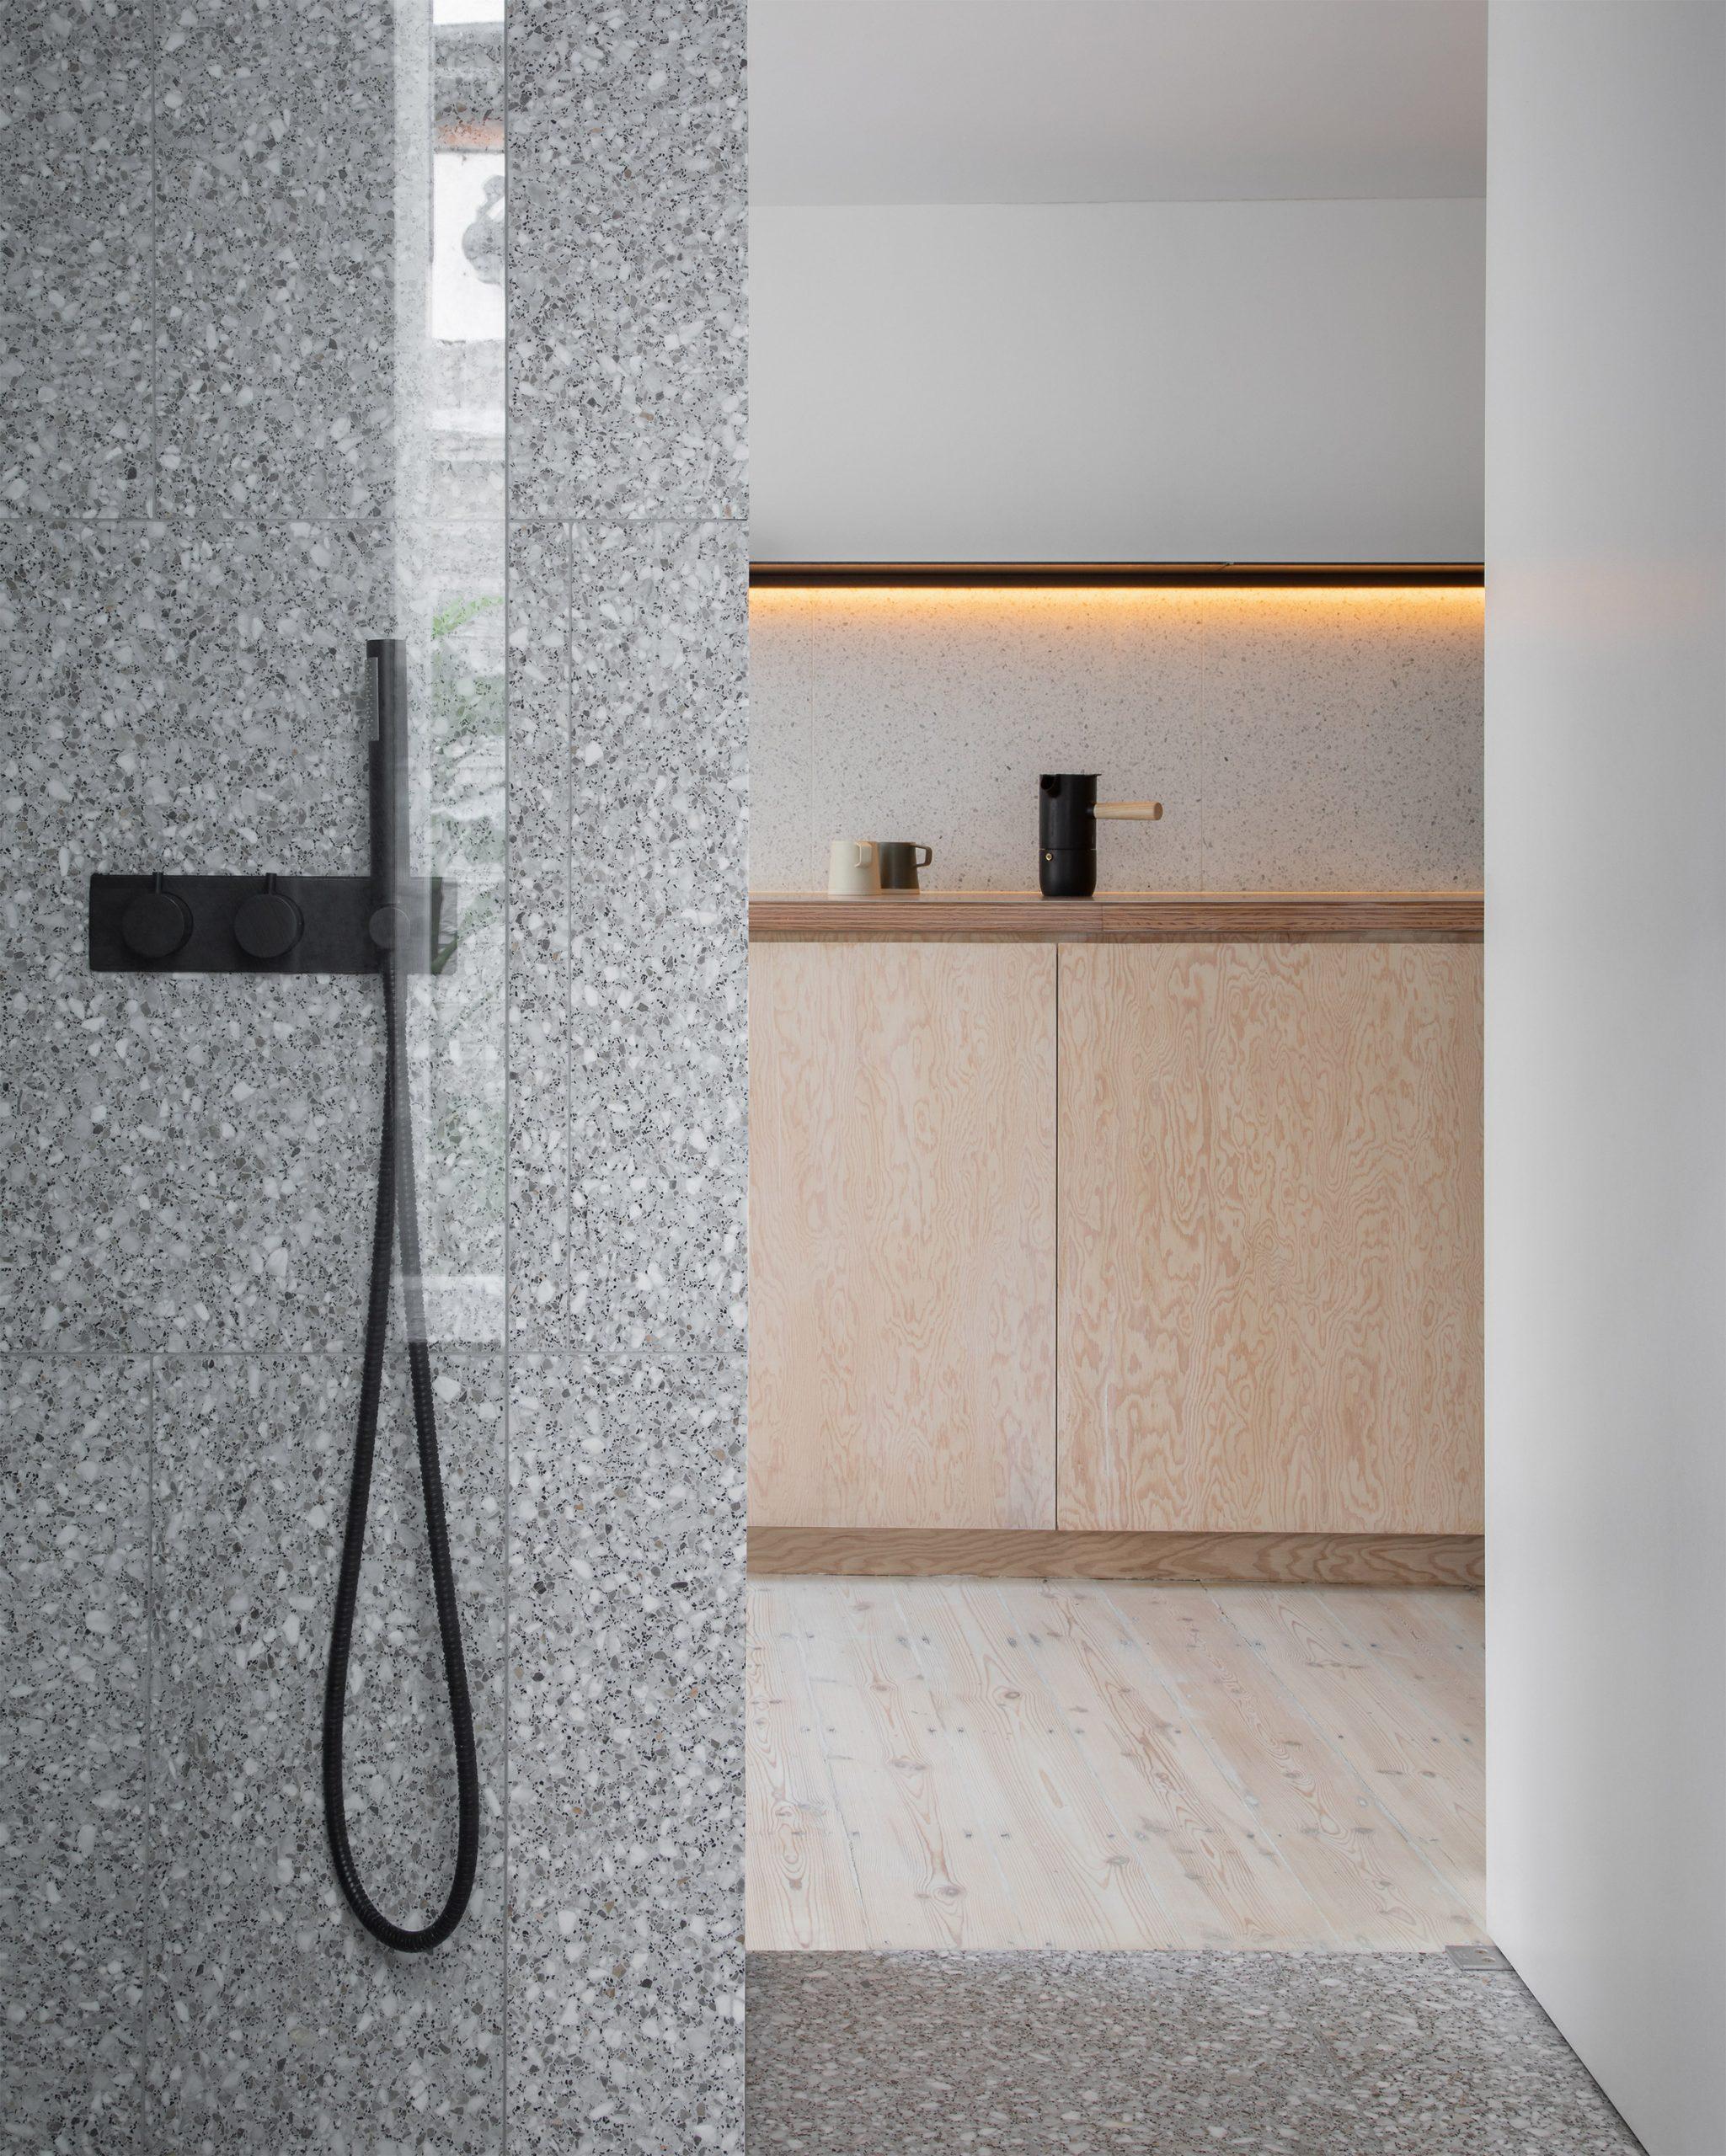 Bathroom of ER Residence by Studio Hallett Ike